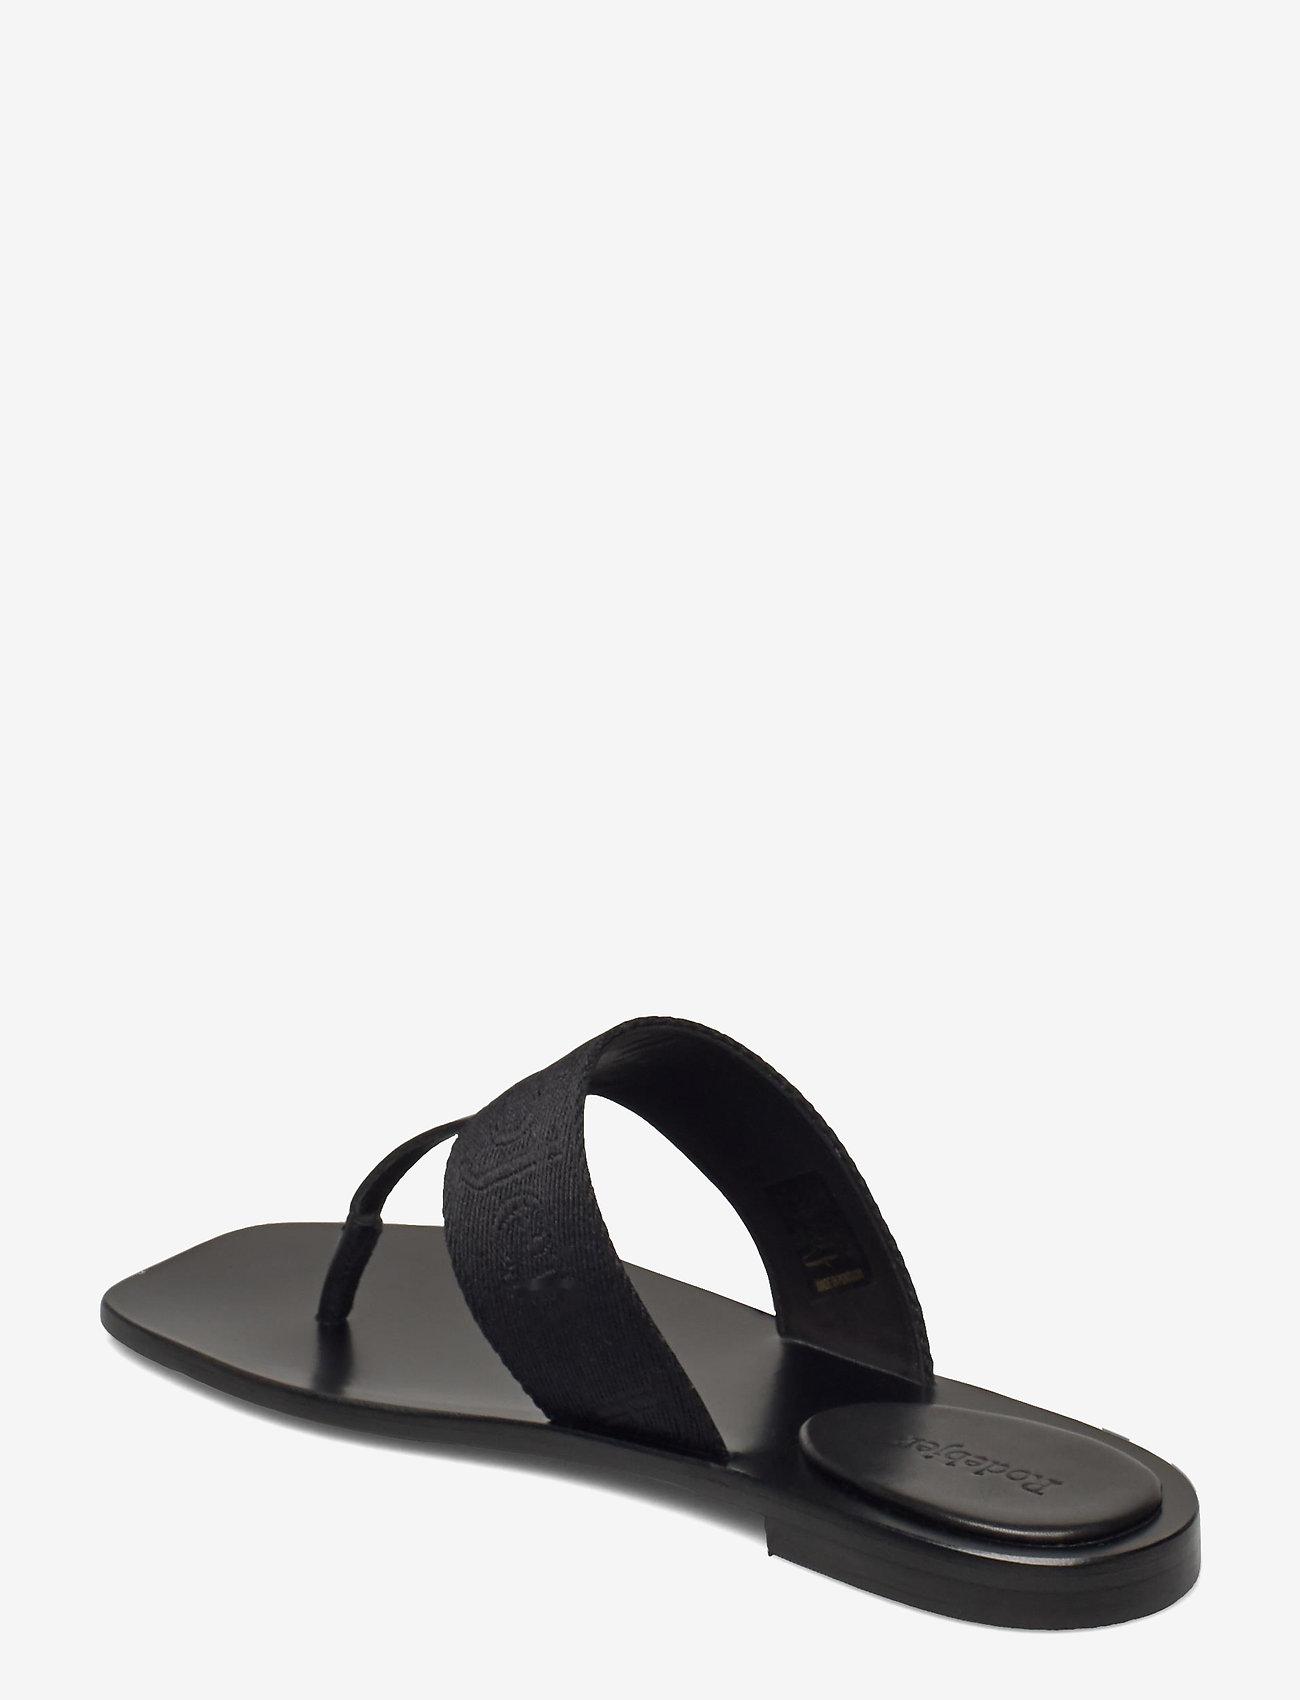 RODEBJER - RODEBJER ROZA - flade sandaler - black - 2